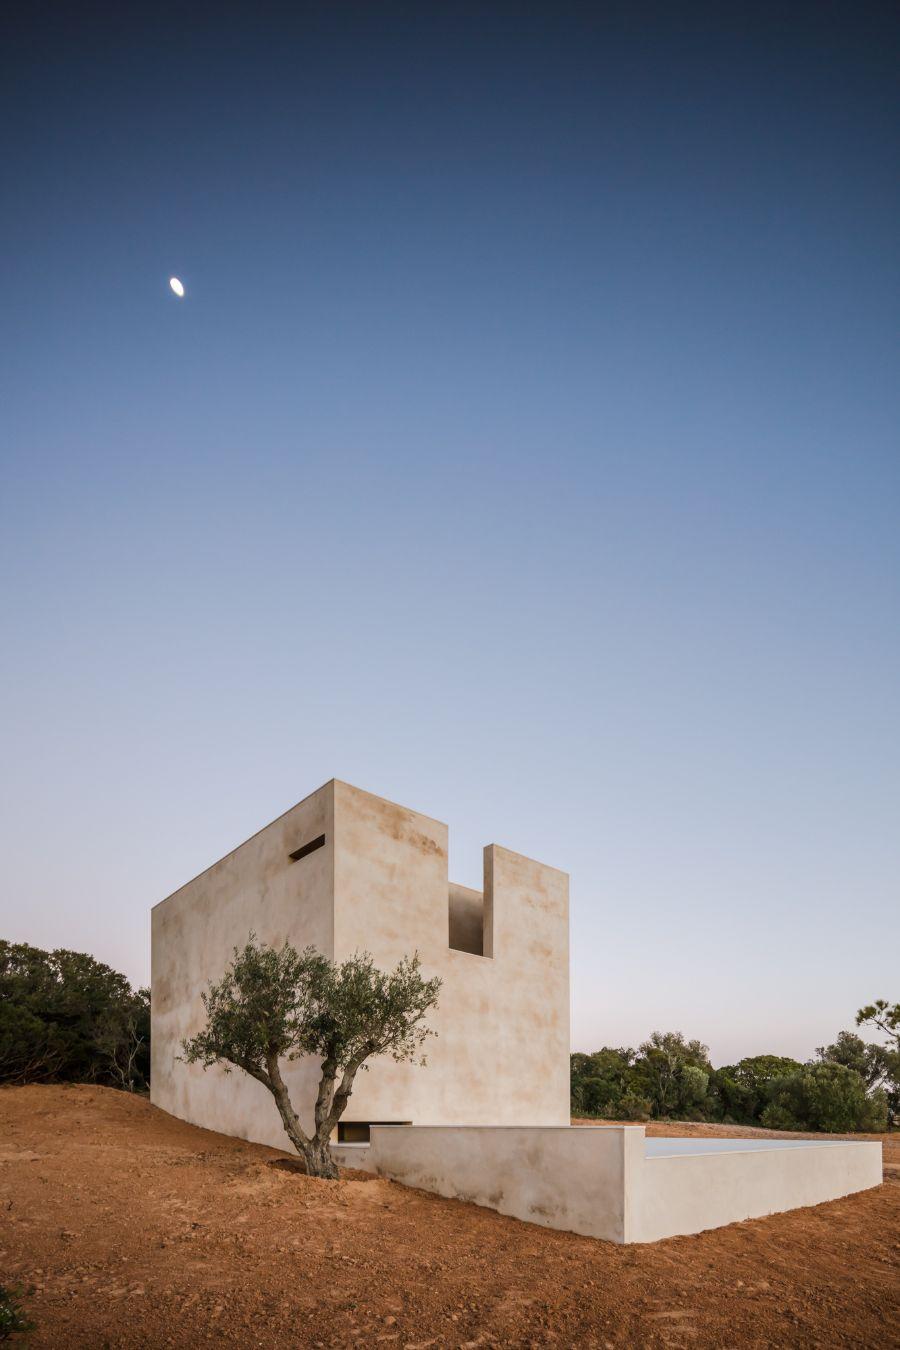 Capela do Monte by Alvaro Siza